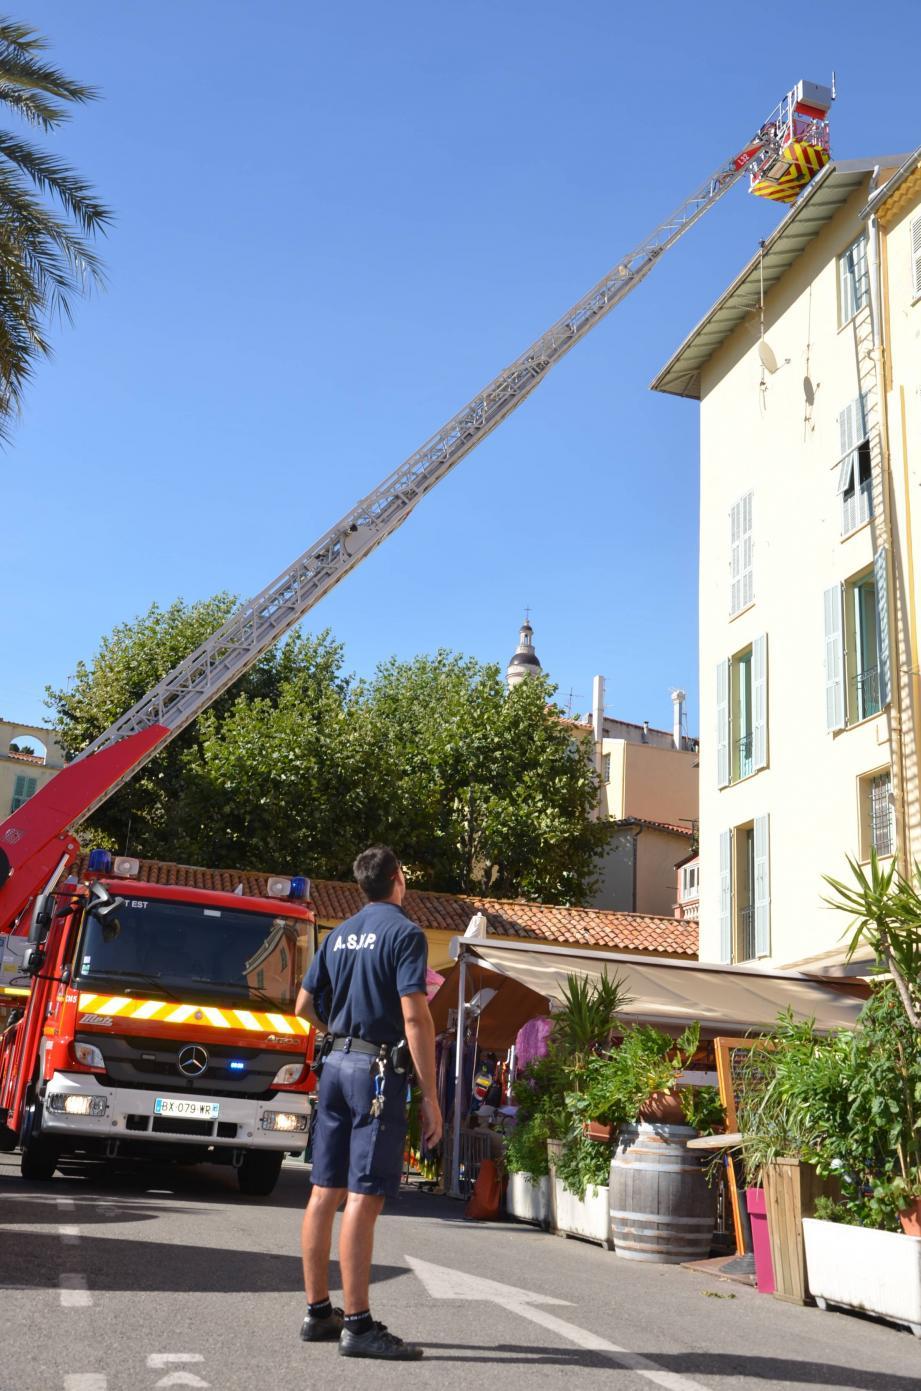 Les sapeurs-pompiers ont déployé la grande échelle pour venir à bout de l'antenne menaçante.